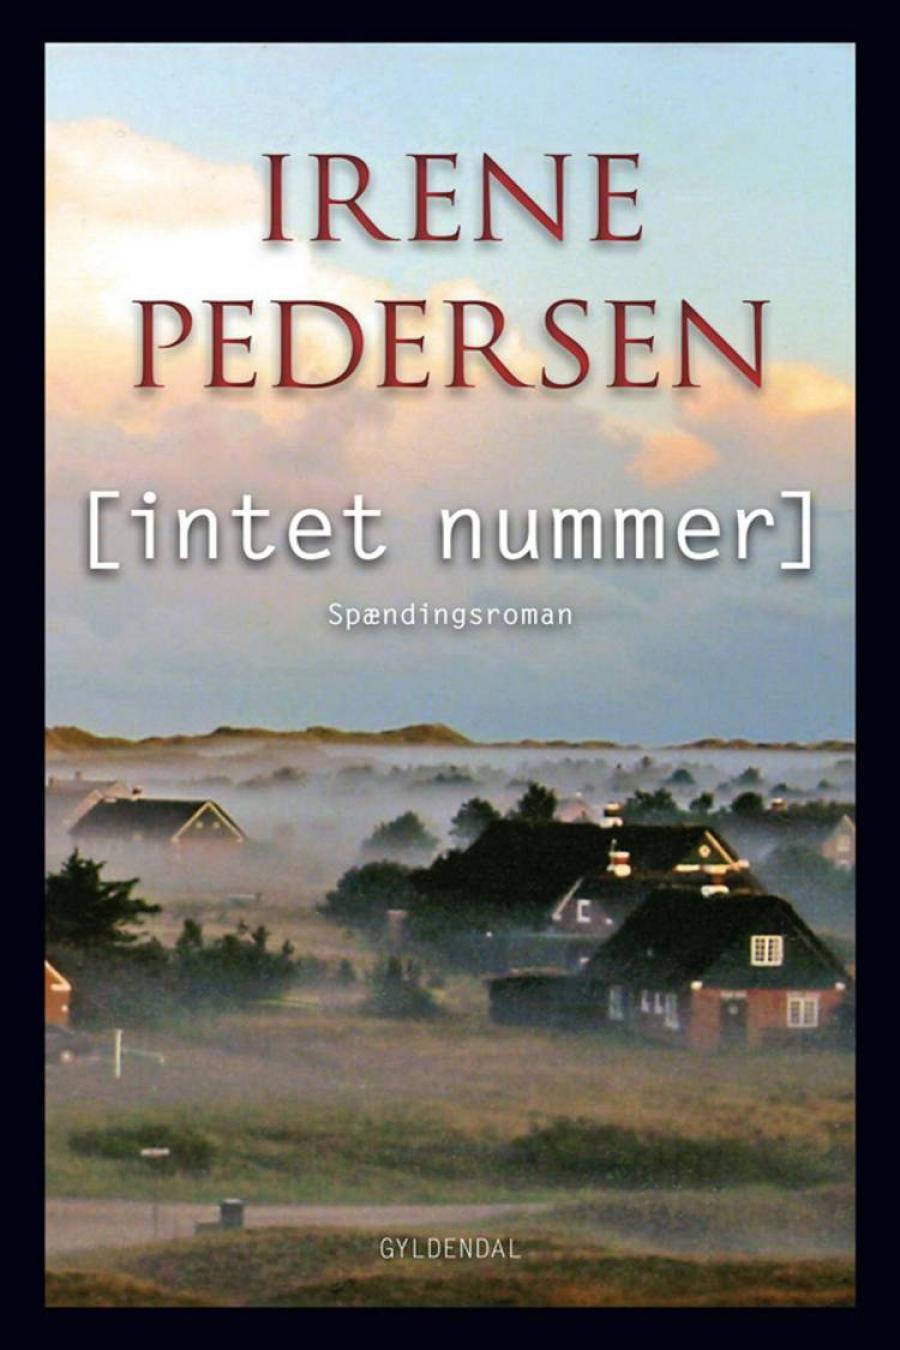 [Intet nummer] af Irene Pedersen